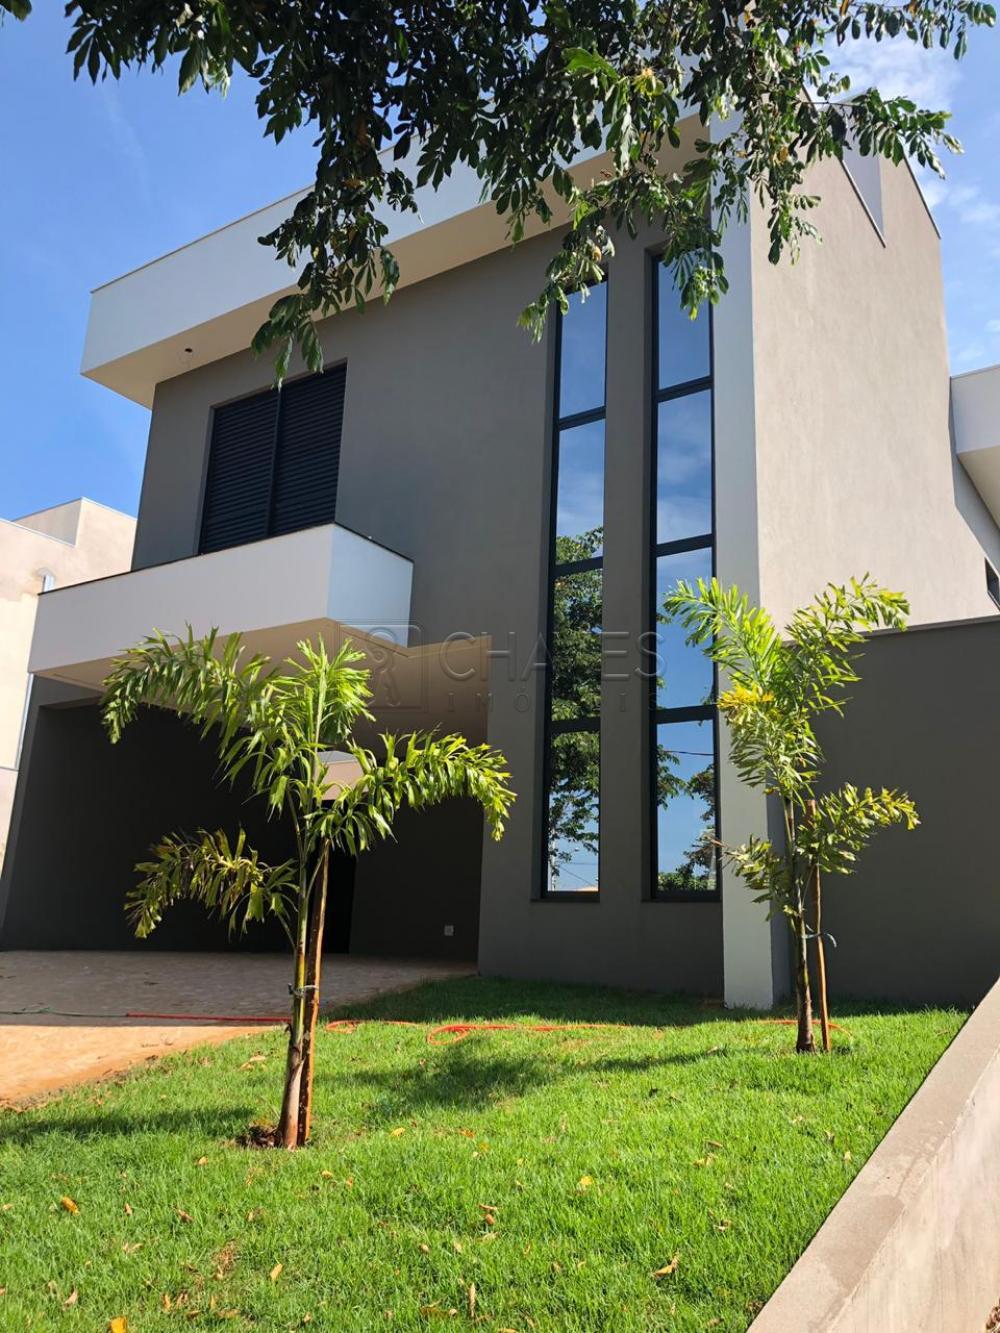 Comprar Casa / Condomínio em Ribeirão Preto apenas R$ 880.000,00 - Foto 1